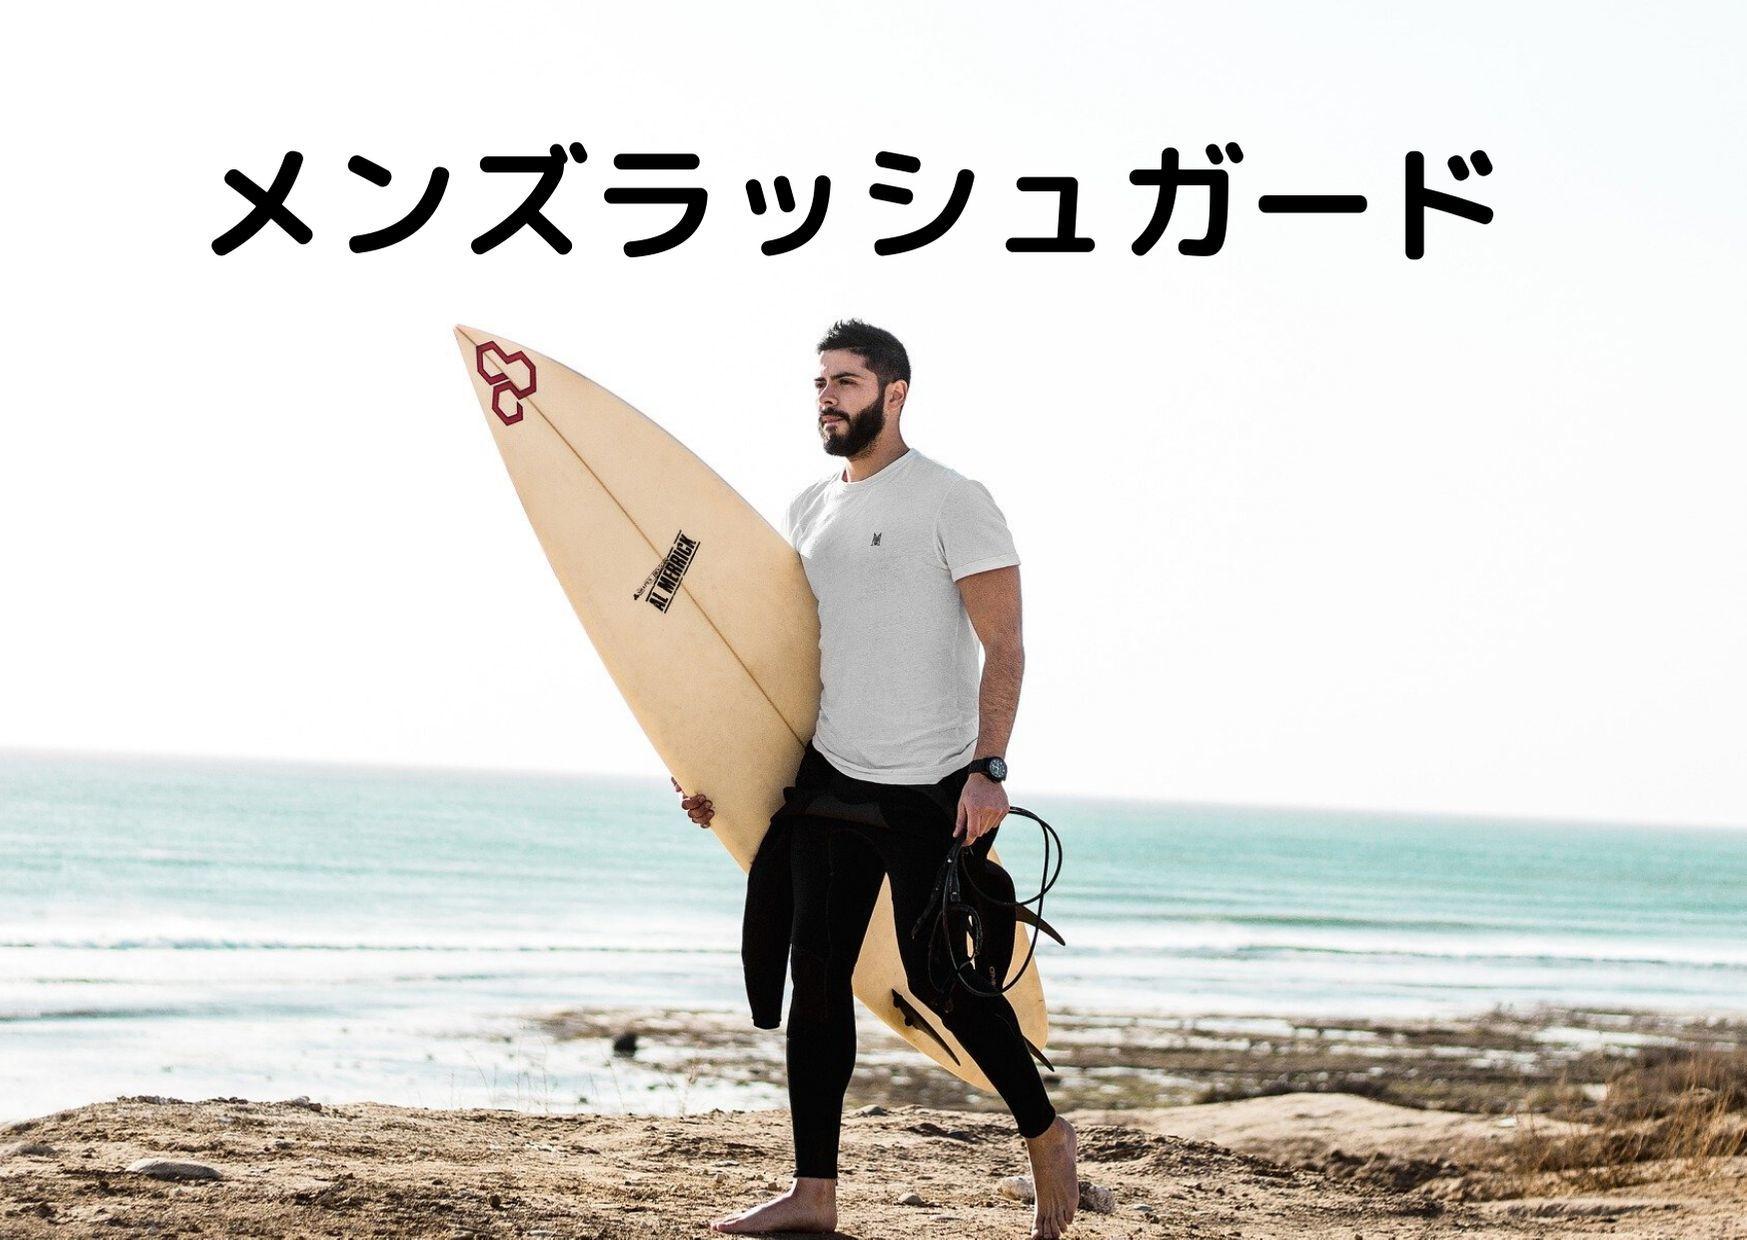 メンズラッシュガードおすすめ人気ランキング10【最強/安い/焼けない】